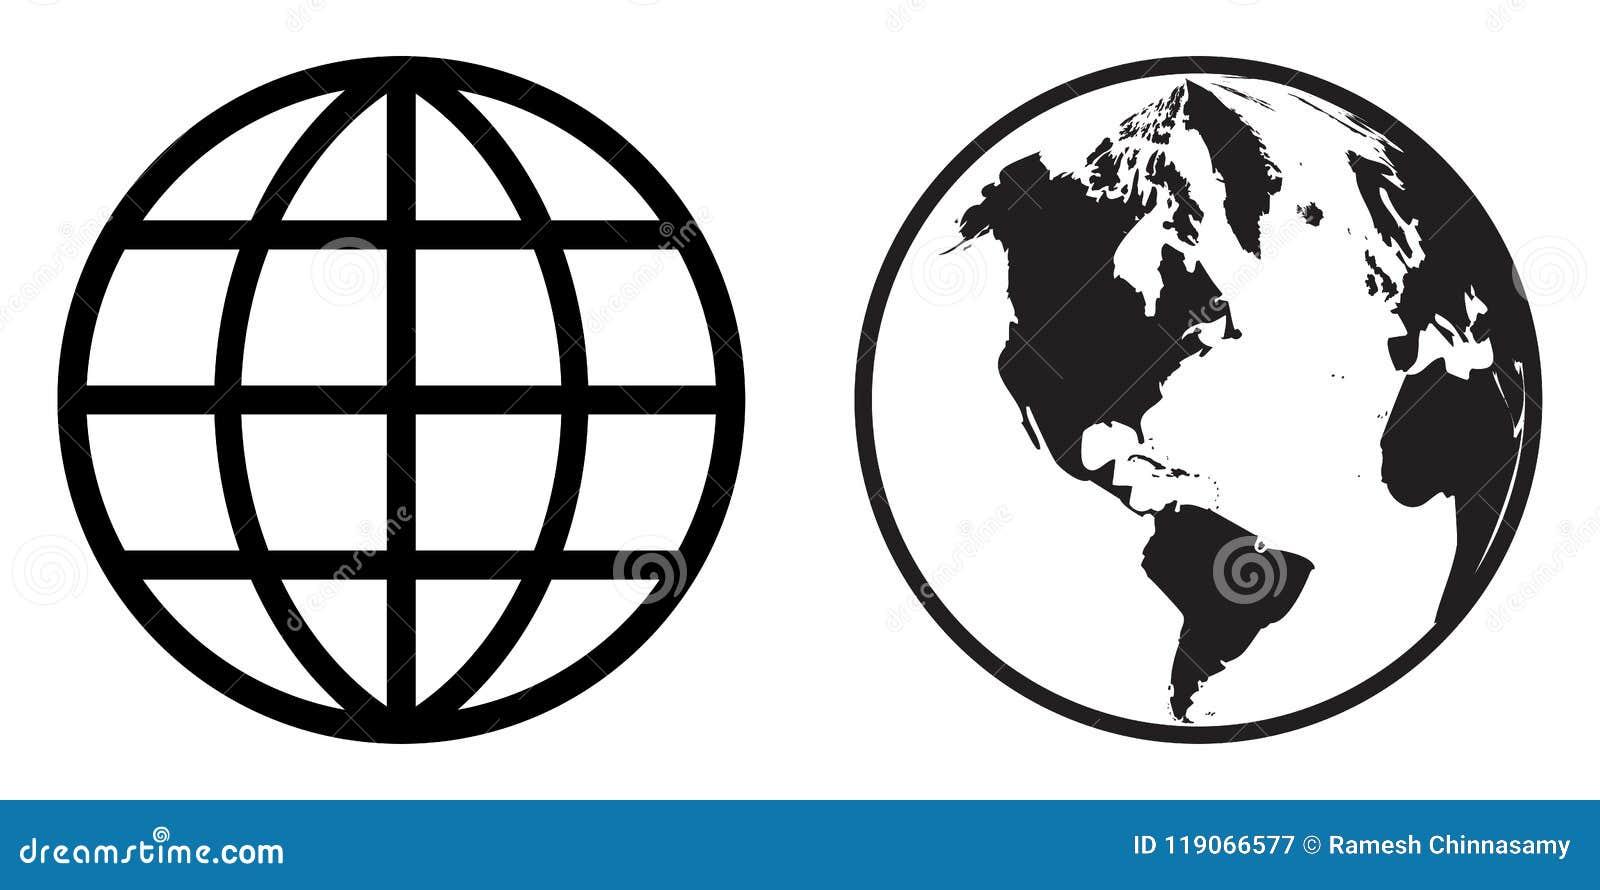 Clipart do ícone do globo do mundo